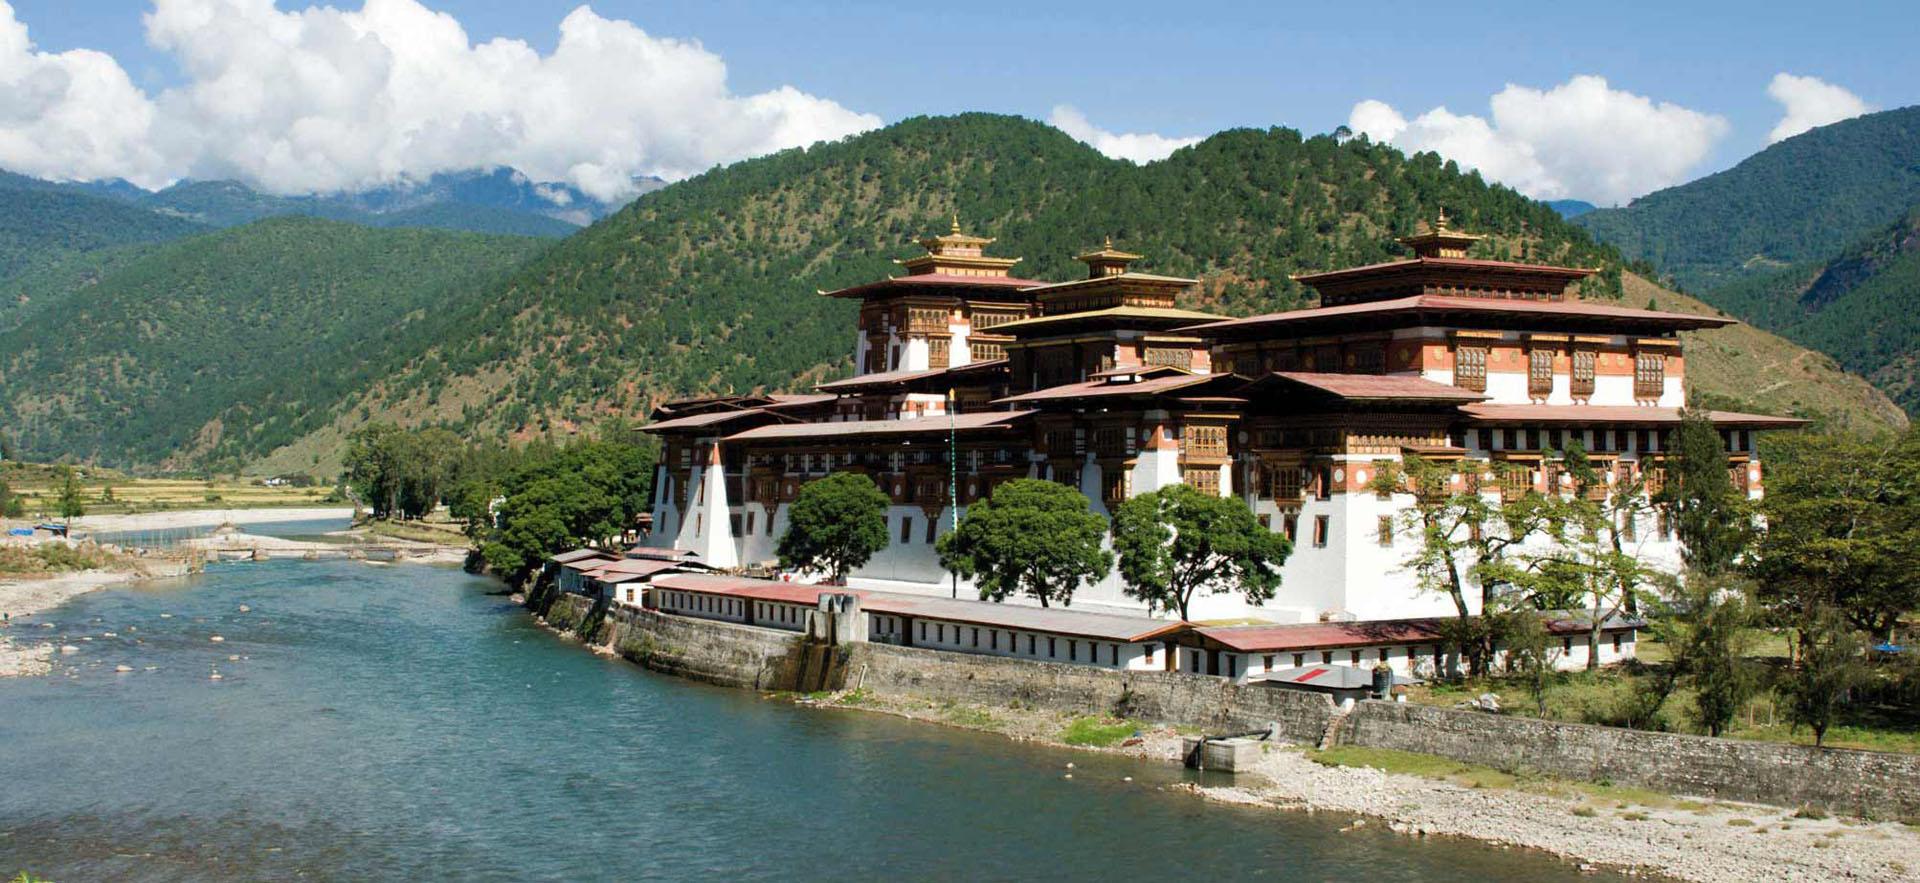 Los clásicos templos de Bután con arquitecturas al estilo japonés.